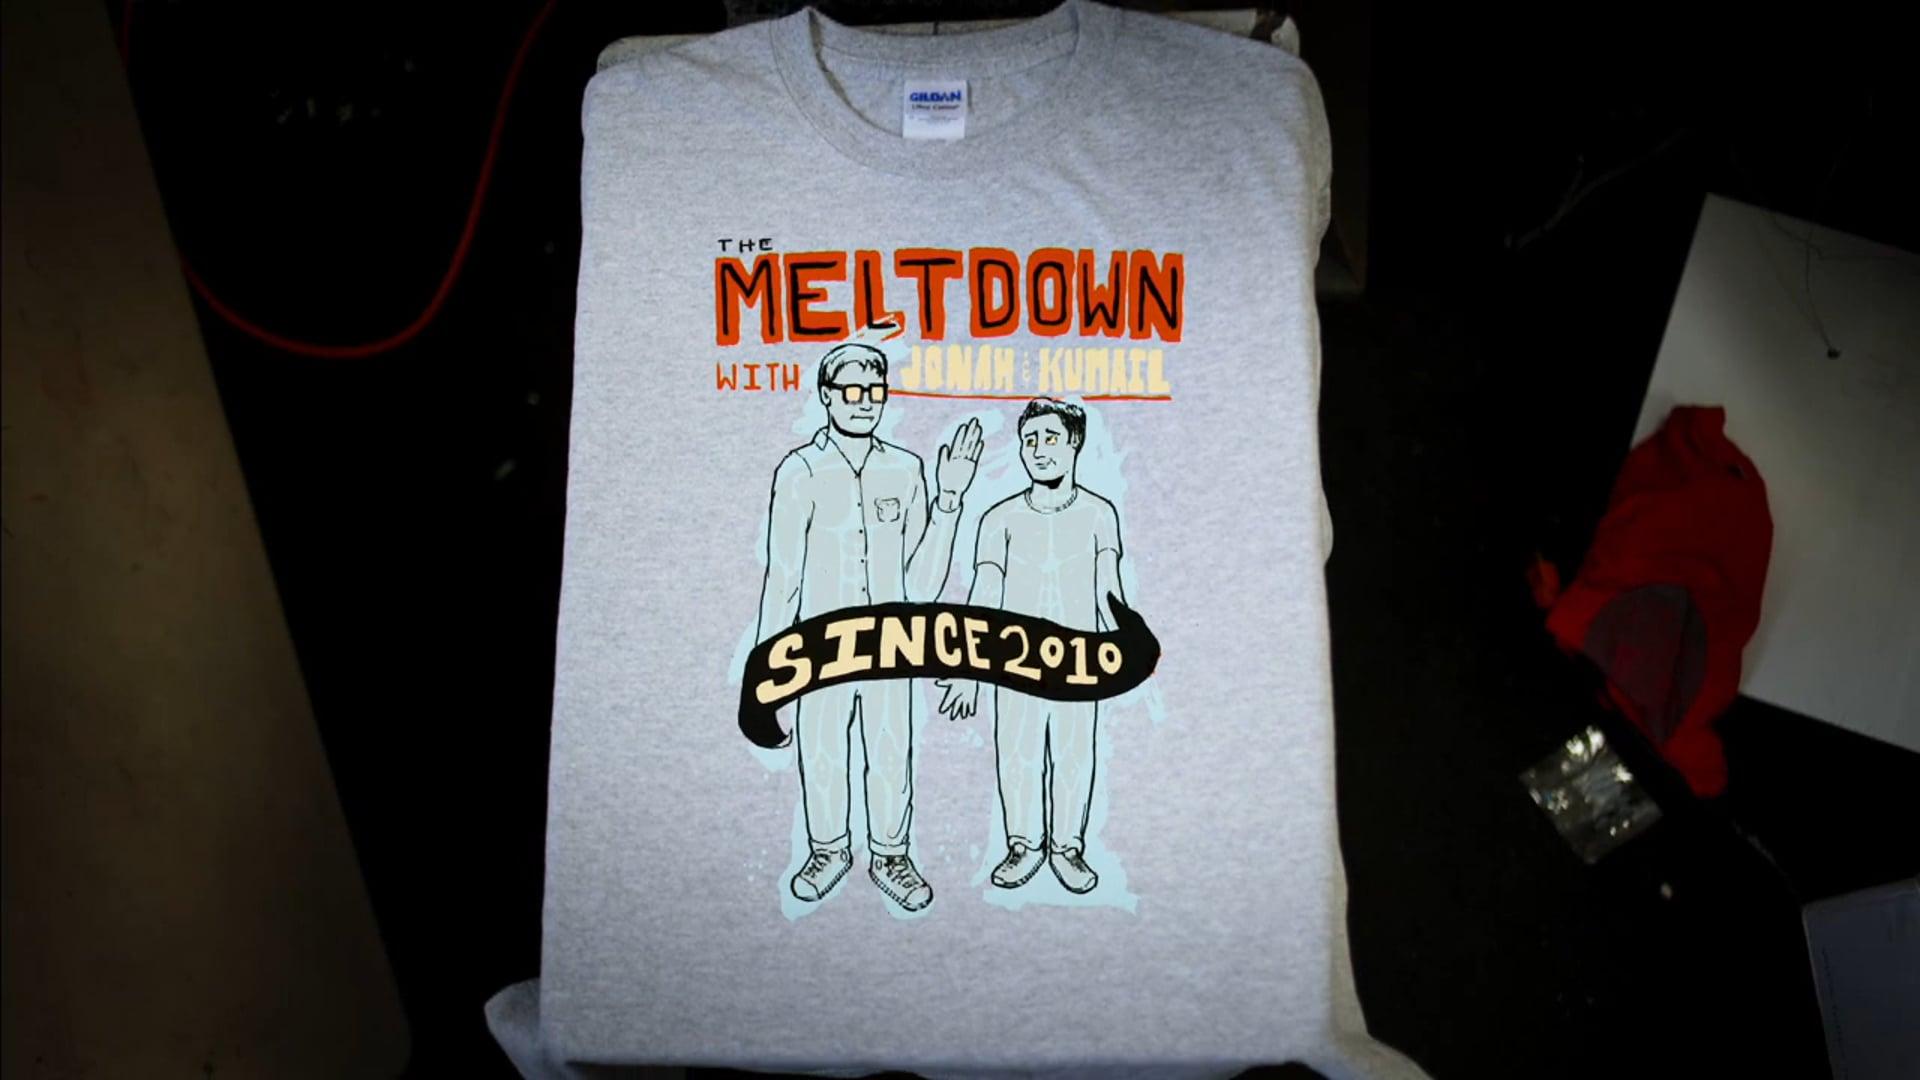 The Meltdown Season 2